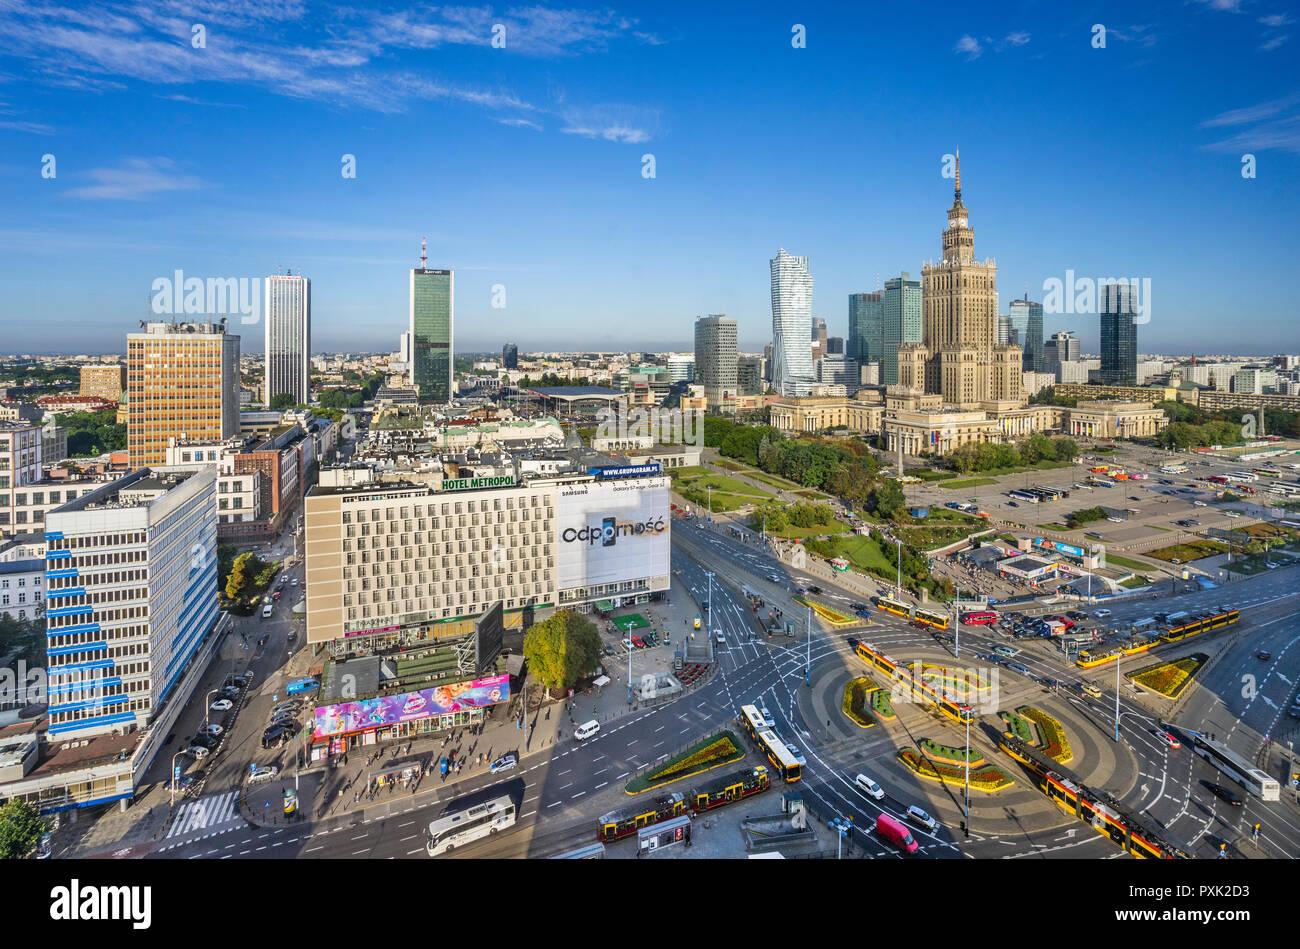 Warsaw Centrum, vue aérienne du coeur de la capitale polonaise, avec Rondo Dmowskiego rond-point, le Neomodern Spire de Varsovie et de la Fédération de Wedi Photo Stock